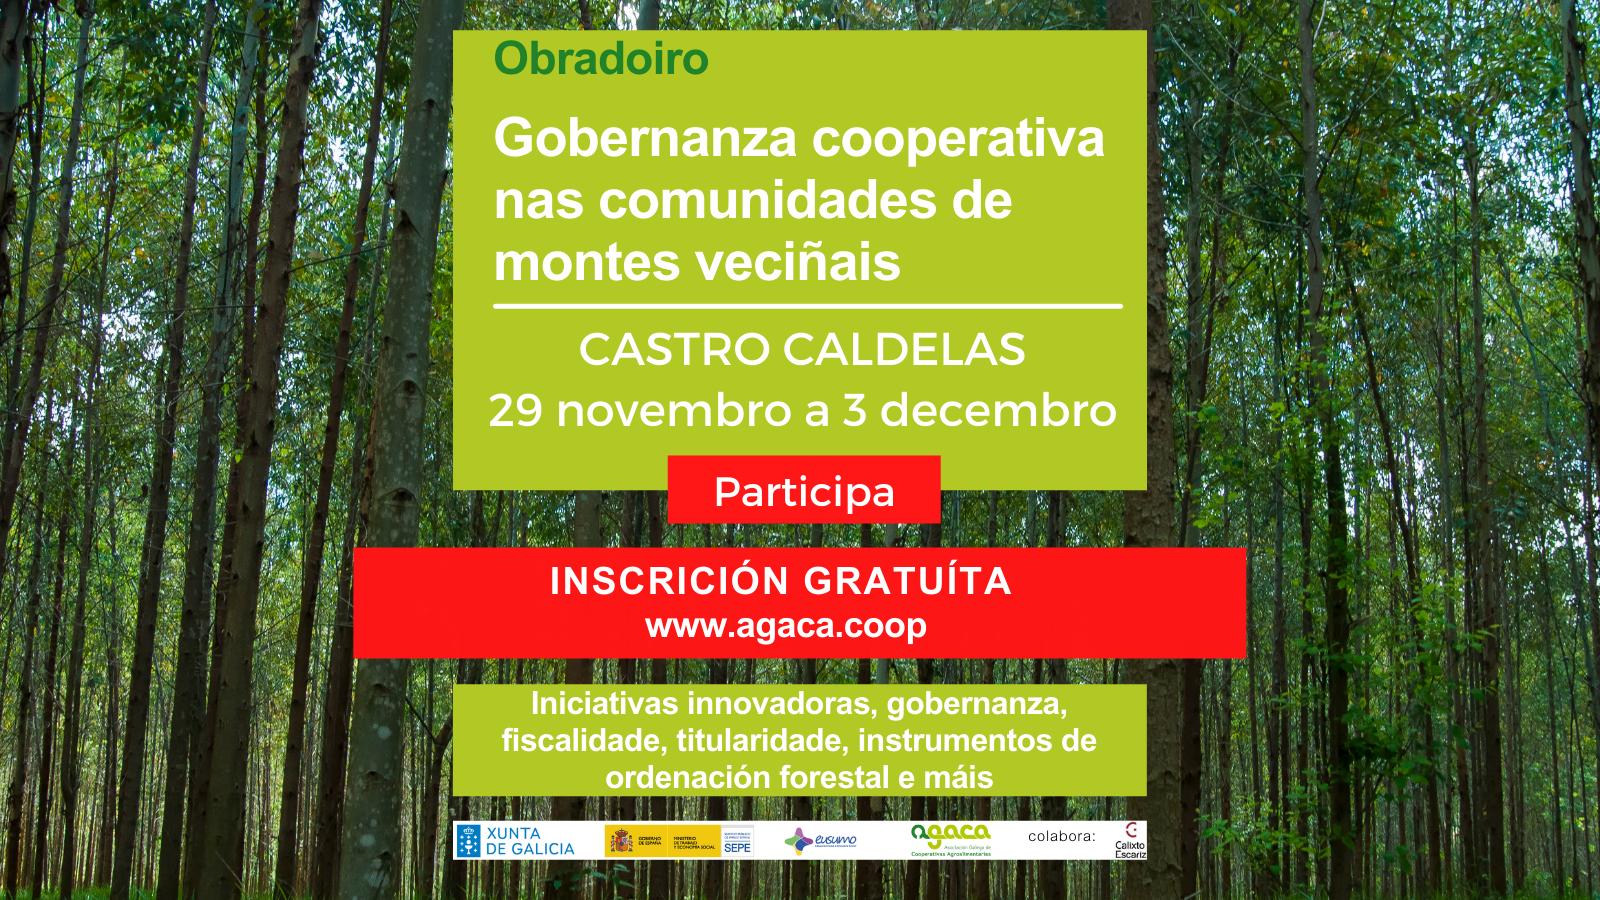 El 29 de noviembre comievza un obradoiro para Comunidades de Montes en Castro Caldelas